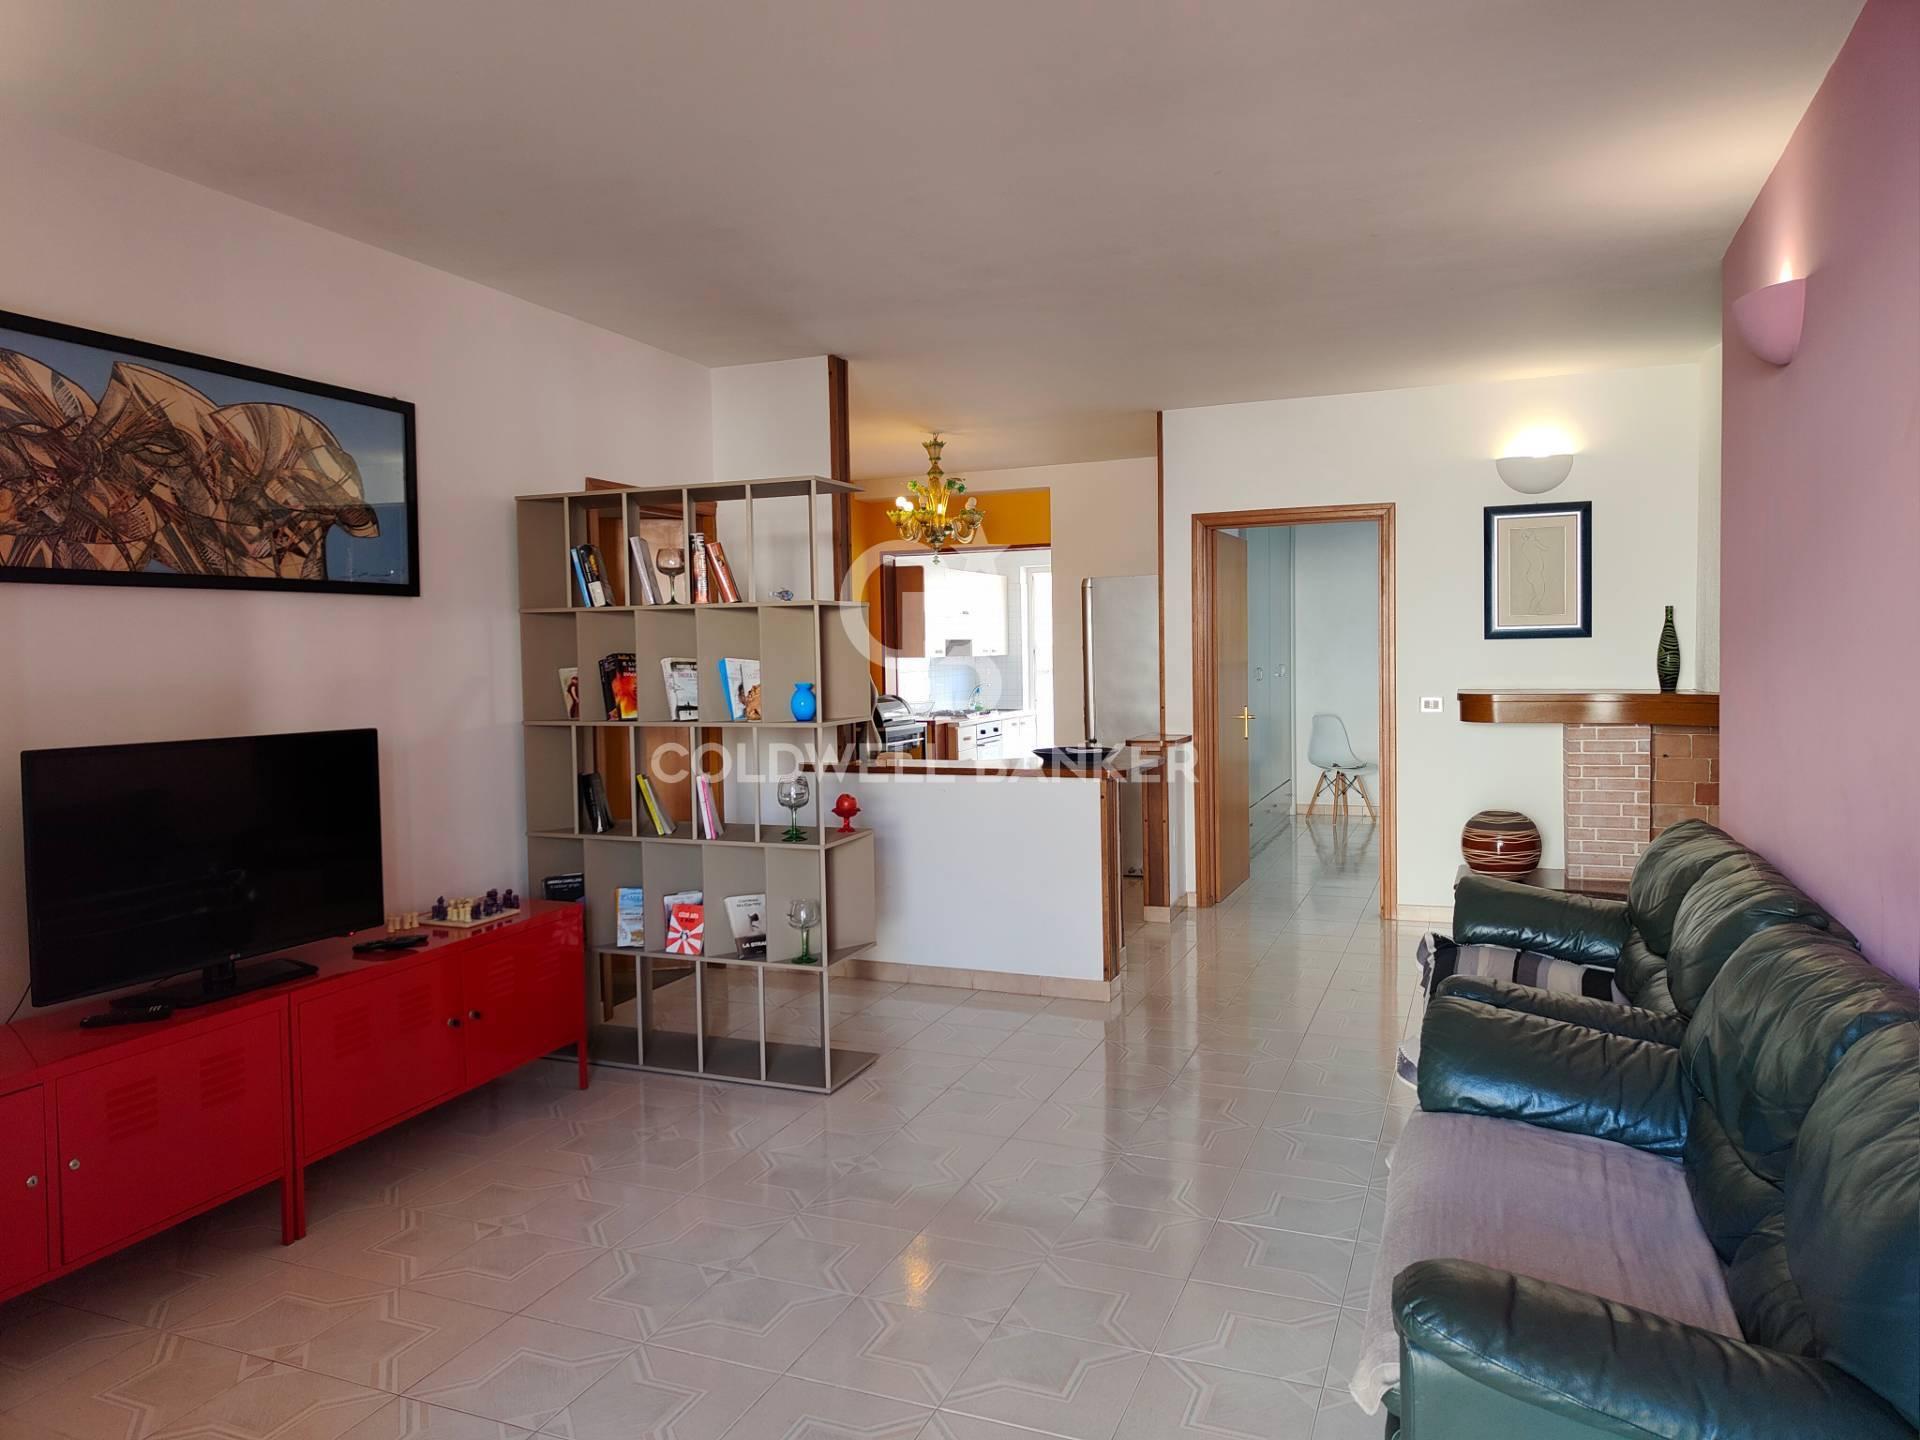 Soluzione Indipendente in vendita a Alessano, 5 locali, prezzo € 108.000   CambioCasa.it